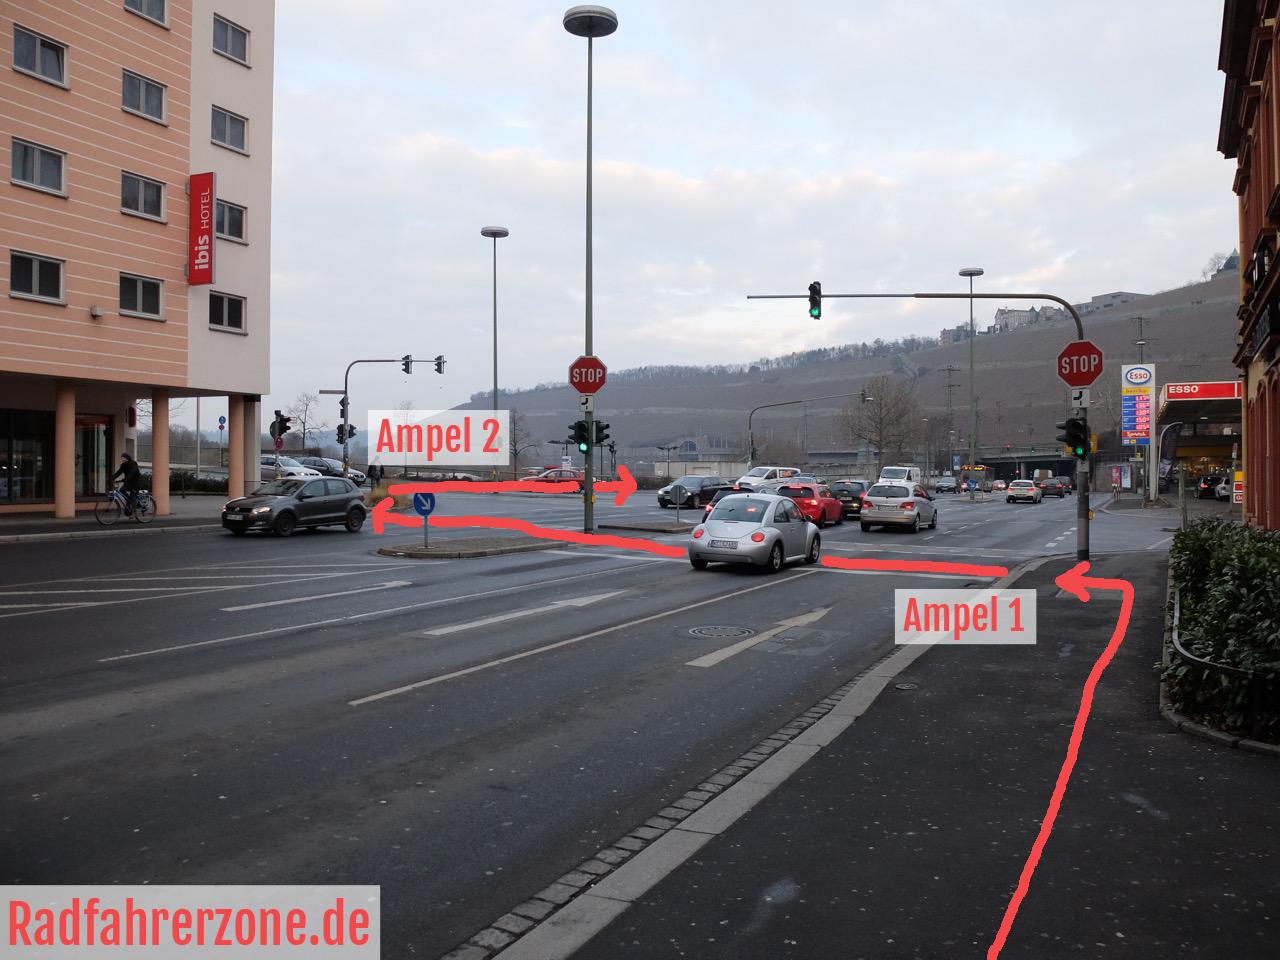 Veitshöchheimer Straße - Brücke der deutschen Einheit, Würzburg